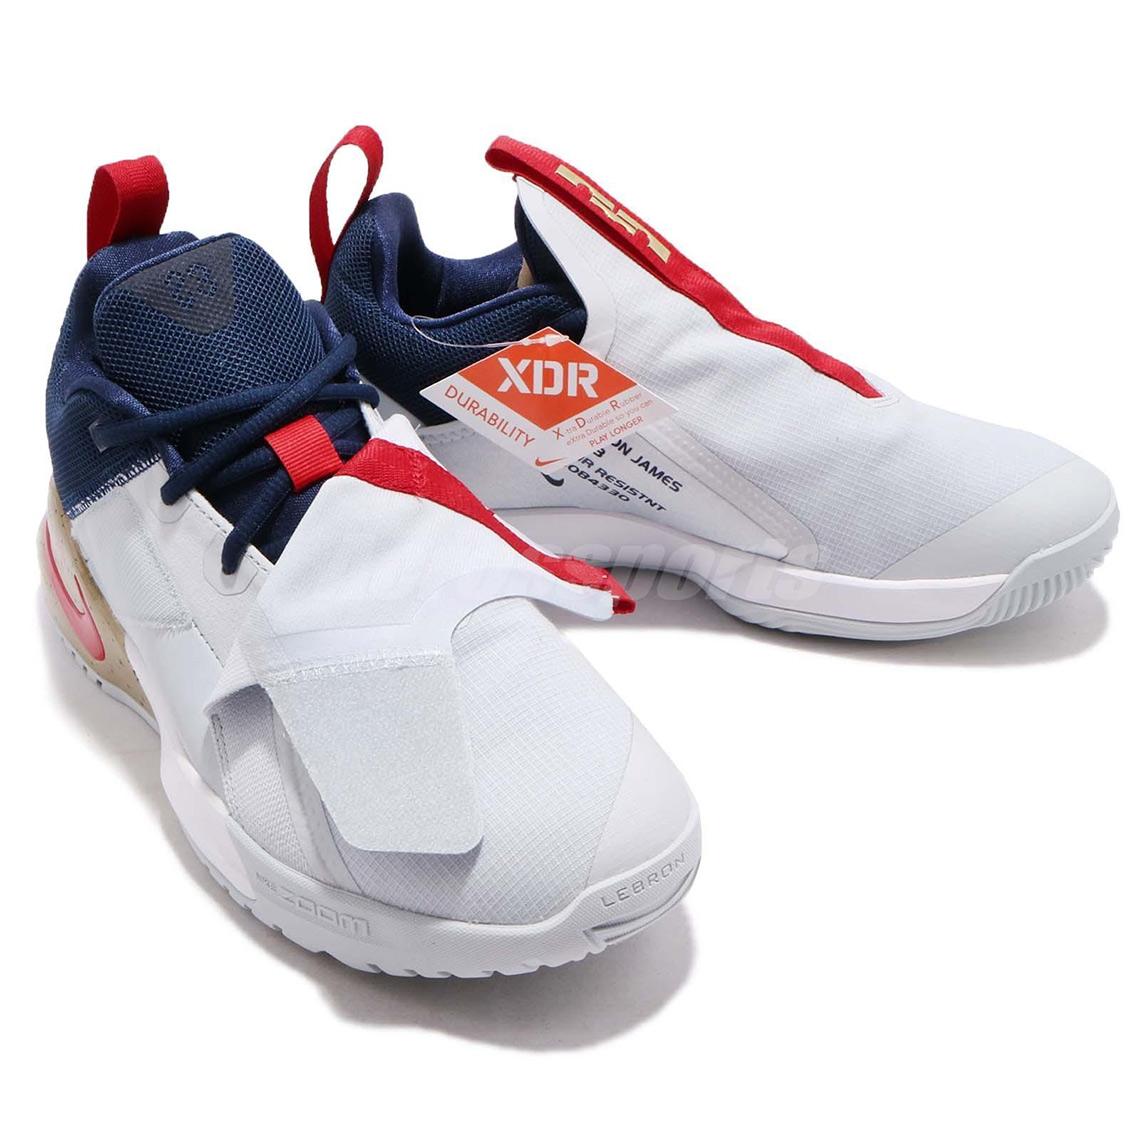 quality design a2e6e c2a2e Nike LeBron Ambassador 11 AO2920-002 Photos + Release Info ...